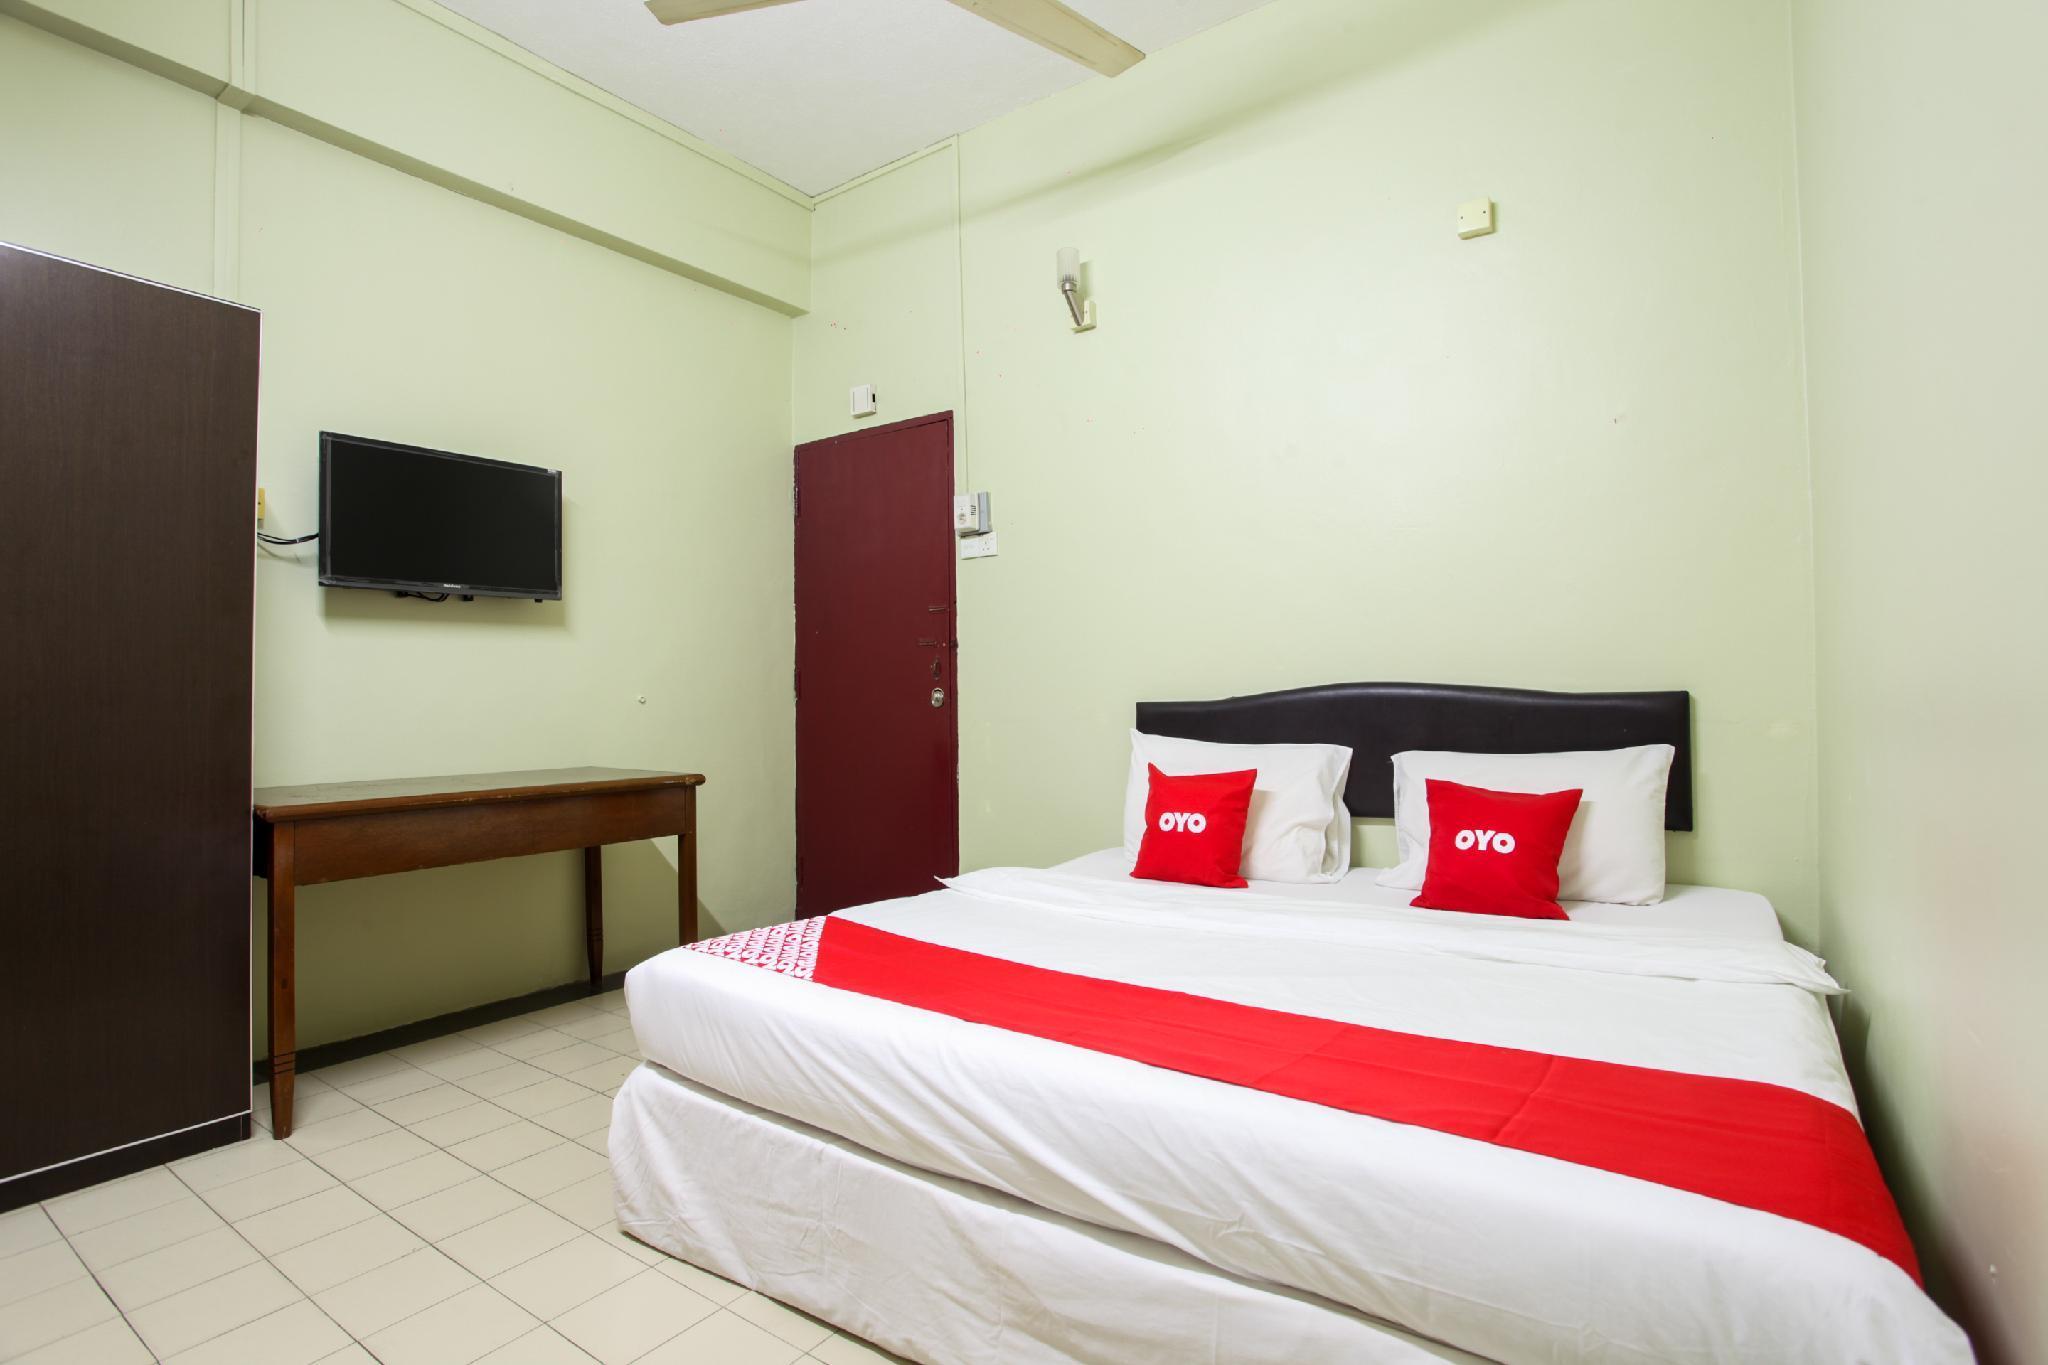 OYO 89549 Casavilla Hotel  City Centre  Taiping